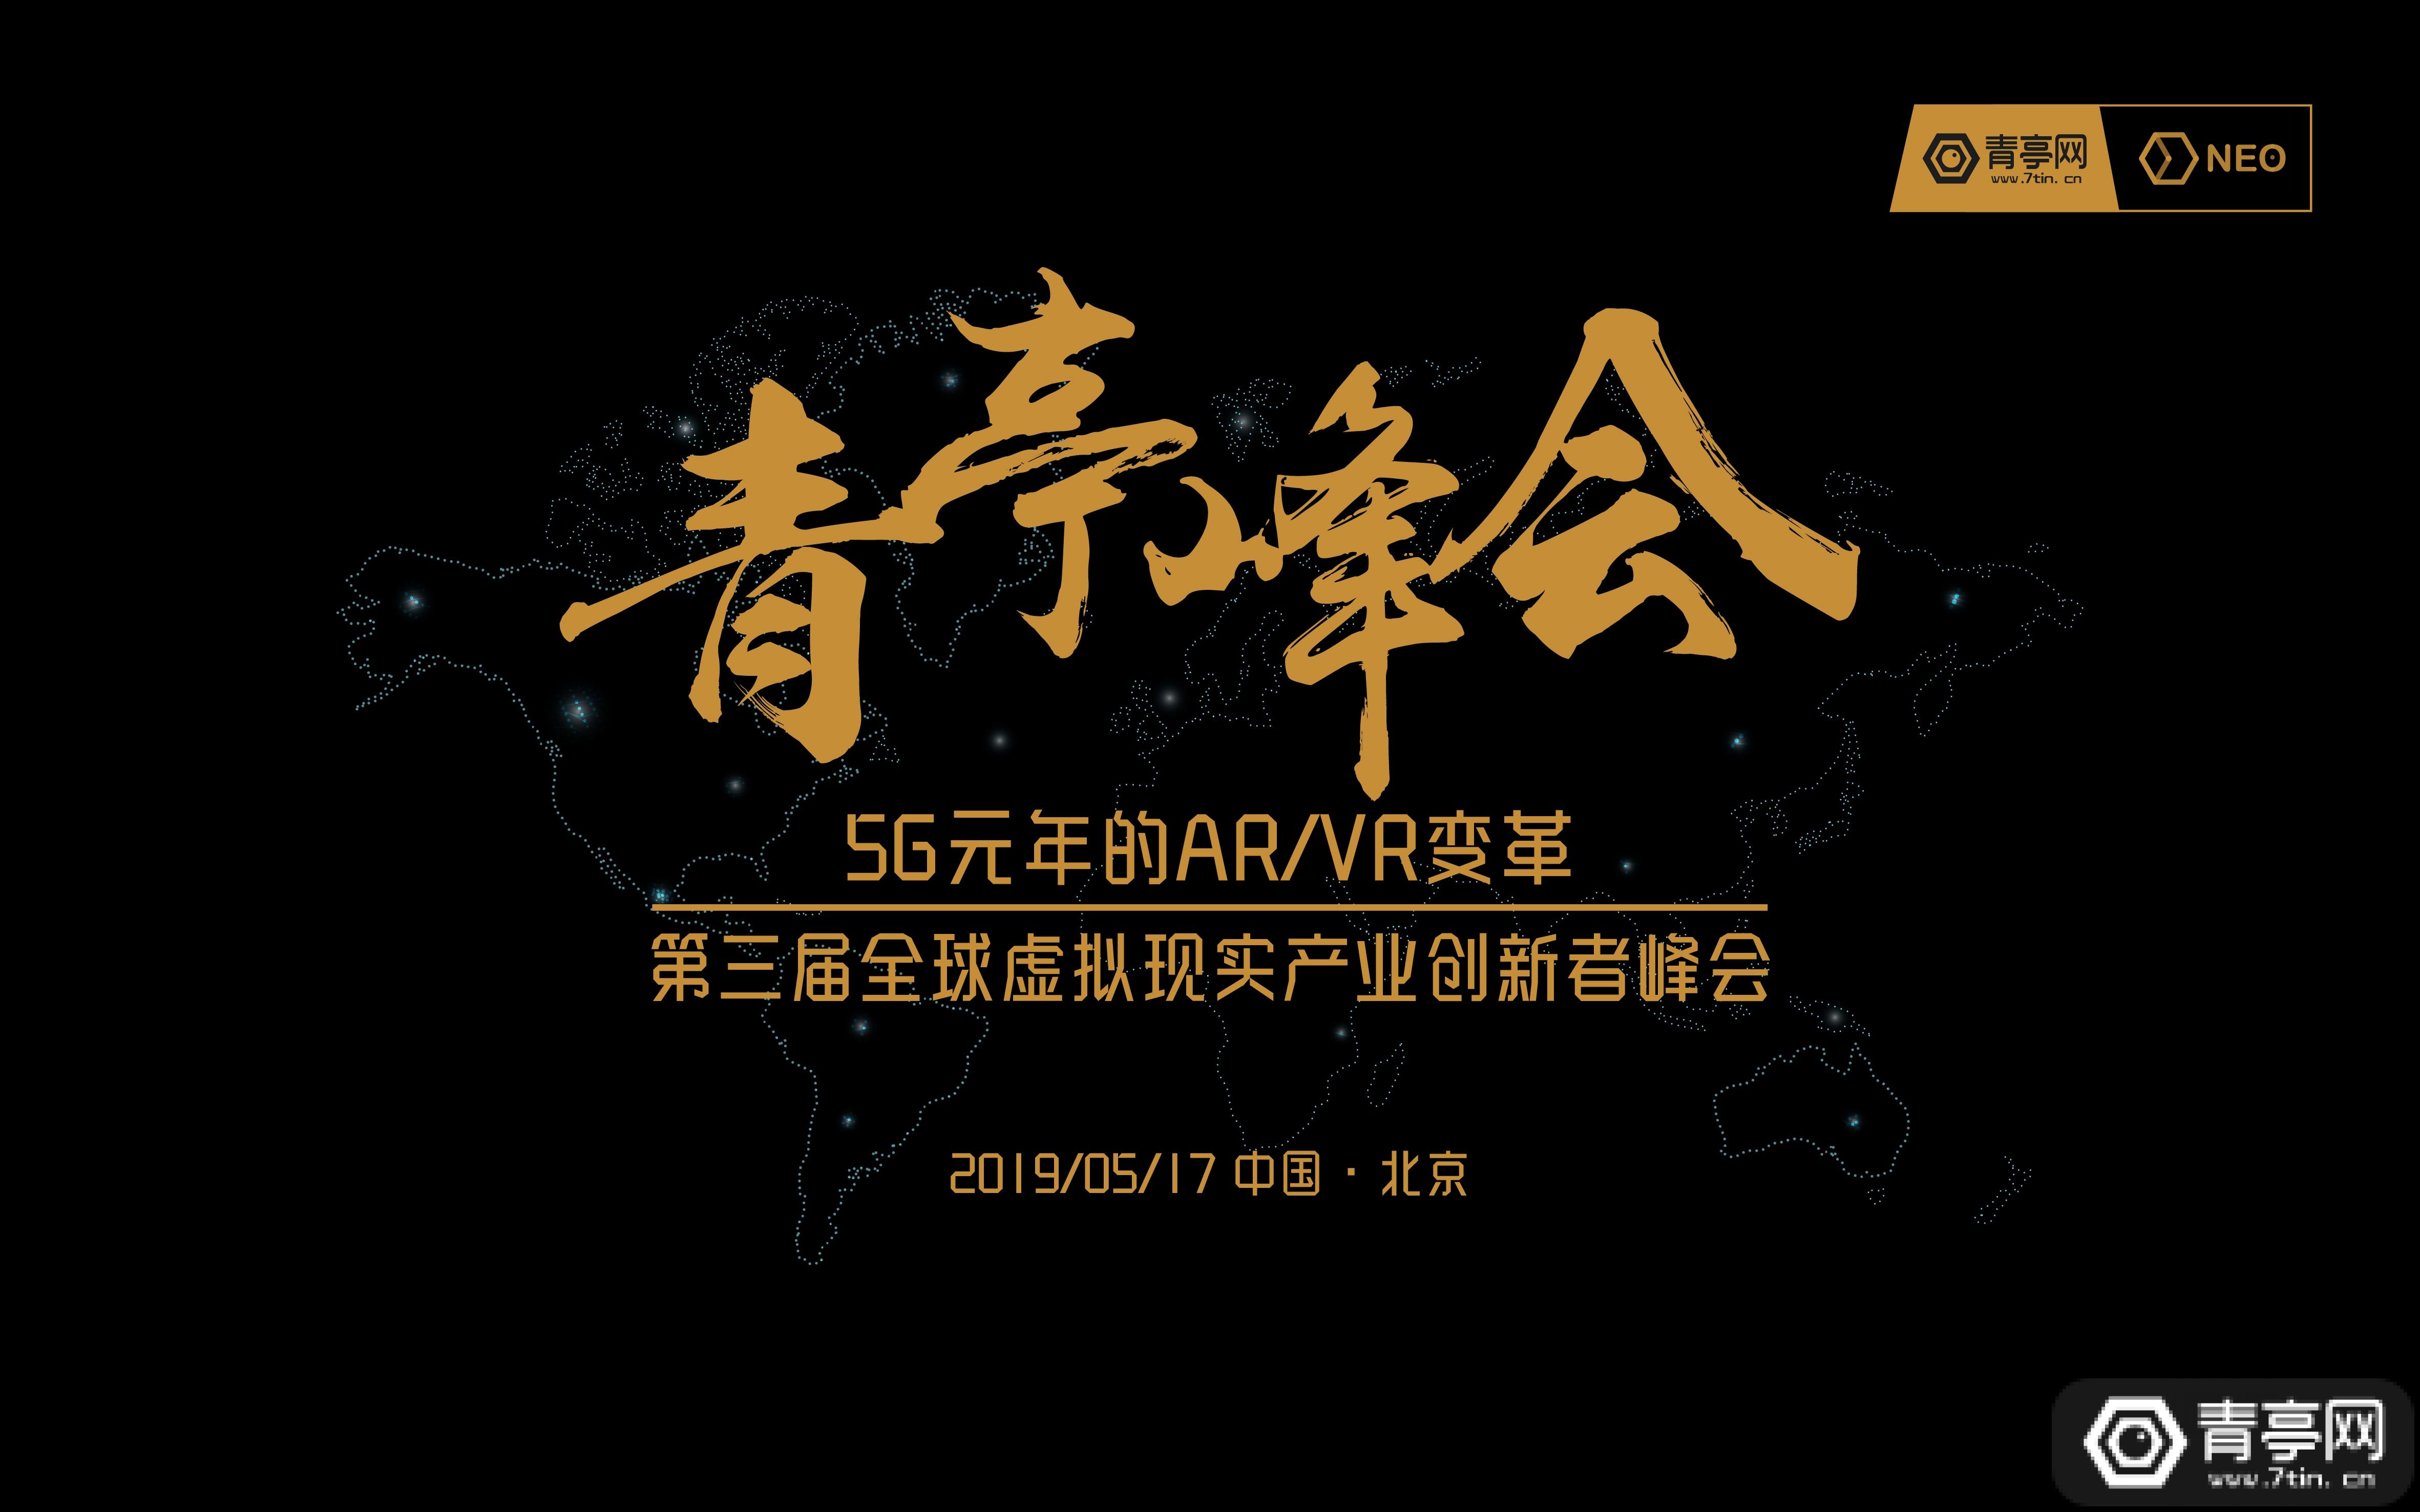 报名突破800人,青亭网第三届AR/VR创新者峰会来袭